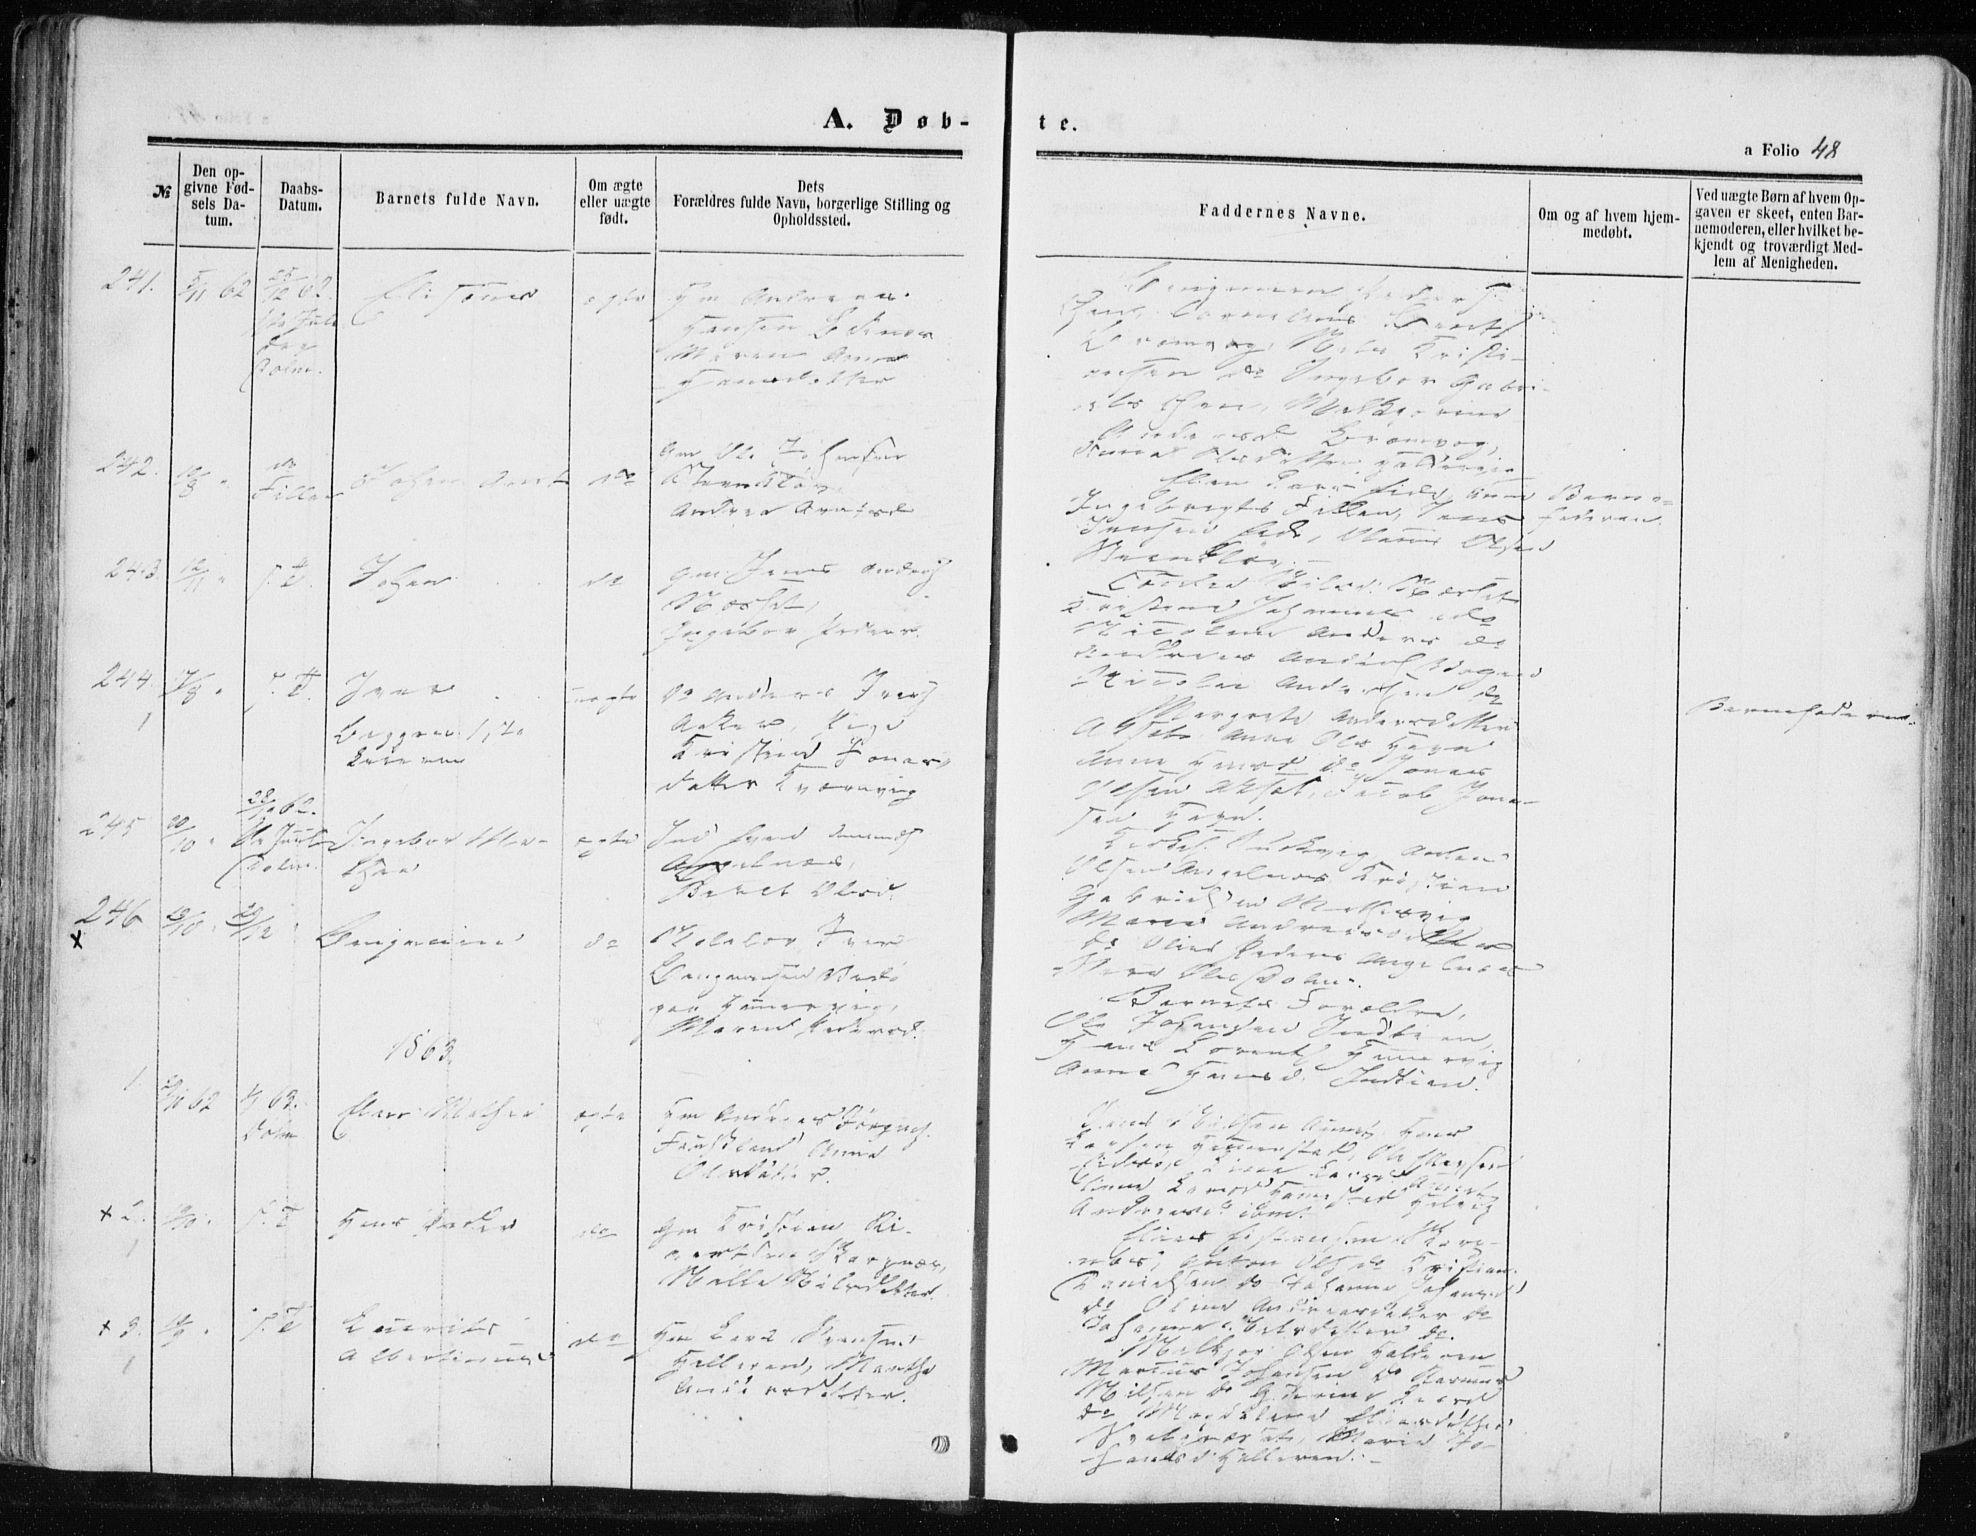 SAT, Ministerialprotokoller, klokkerbøker og fødselsregistre - Sør-Trøndelag, 634/L0531: Ministerialbok nr. 634A07, 1861-1870, s. 48